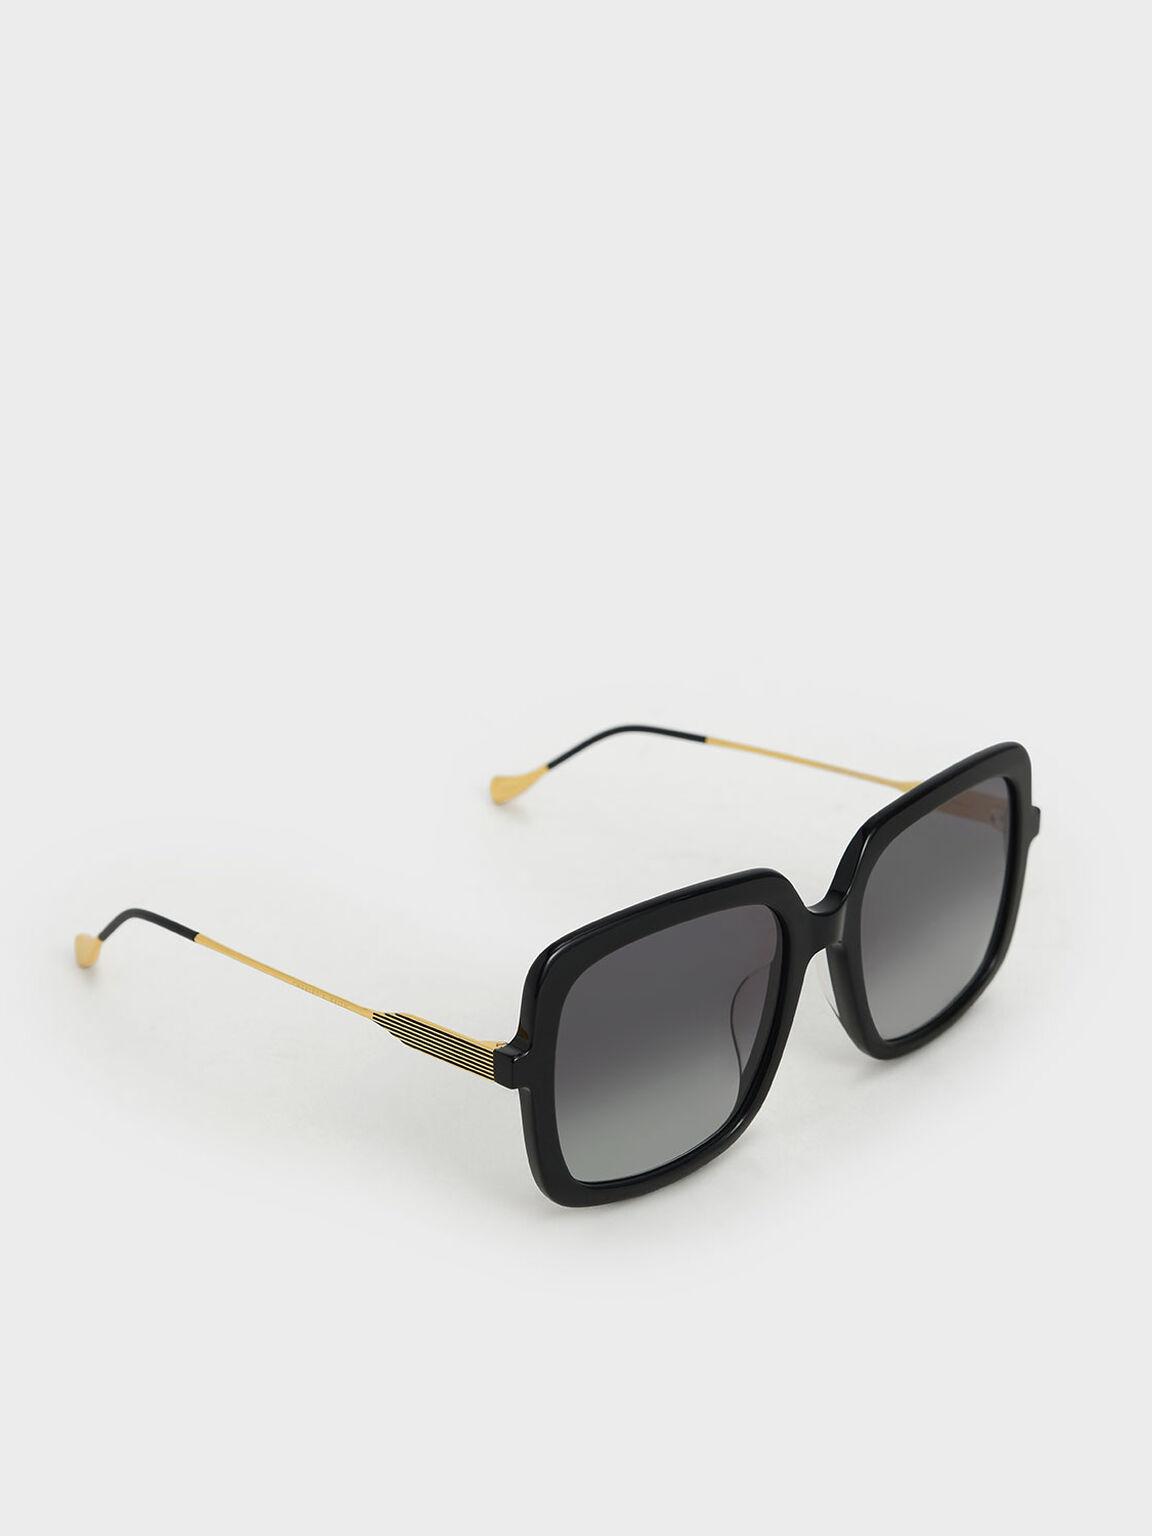 Square Acetate Sunglasses, Black, hi-res